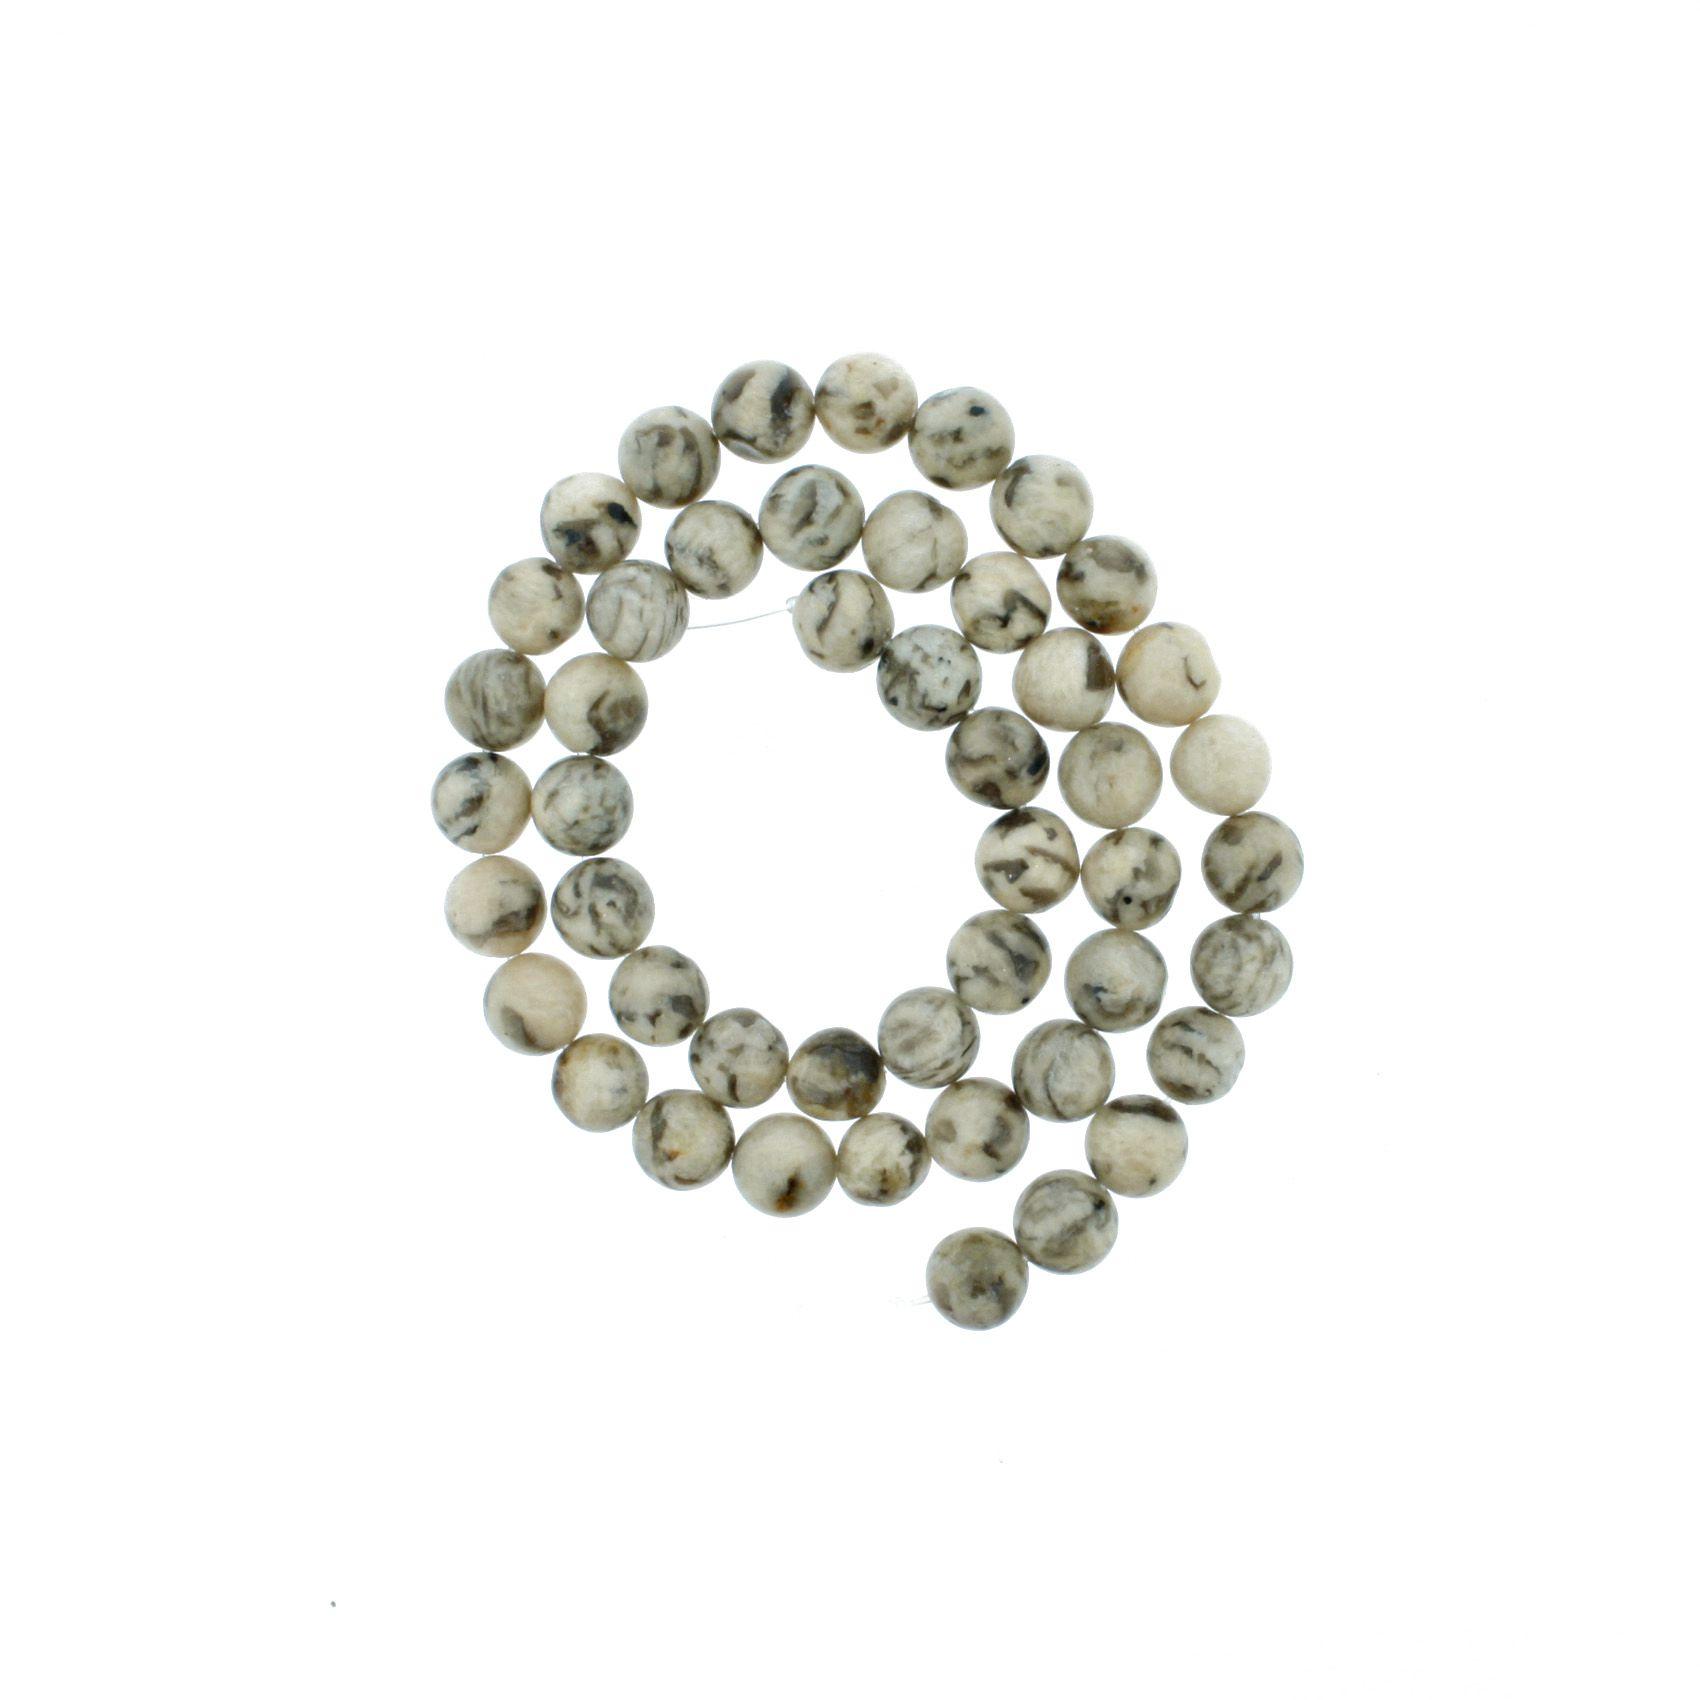 Fio de Pedra - Jaspe Vanilla - 8mm  - Stéphanie Bijoux® - Peças para Bijuterias e Artesanato